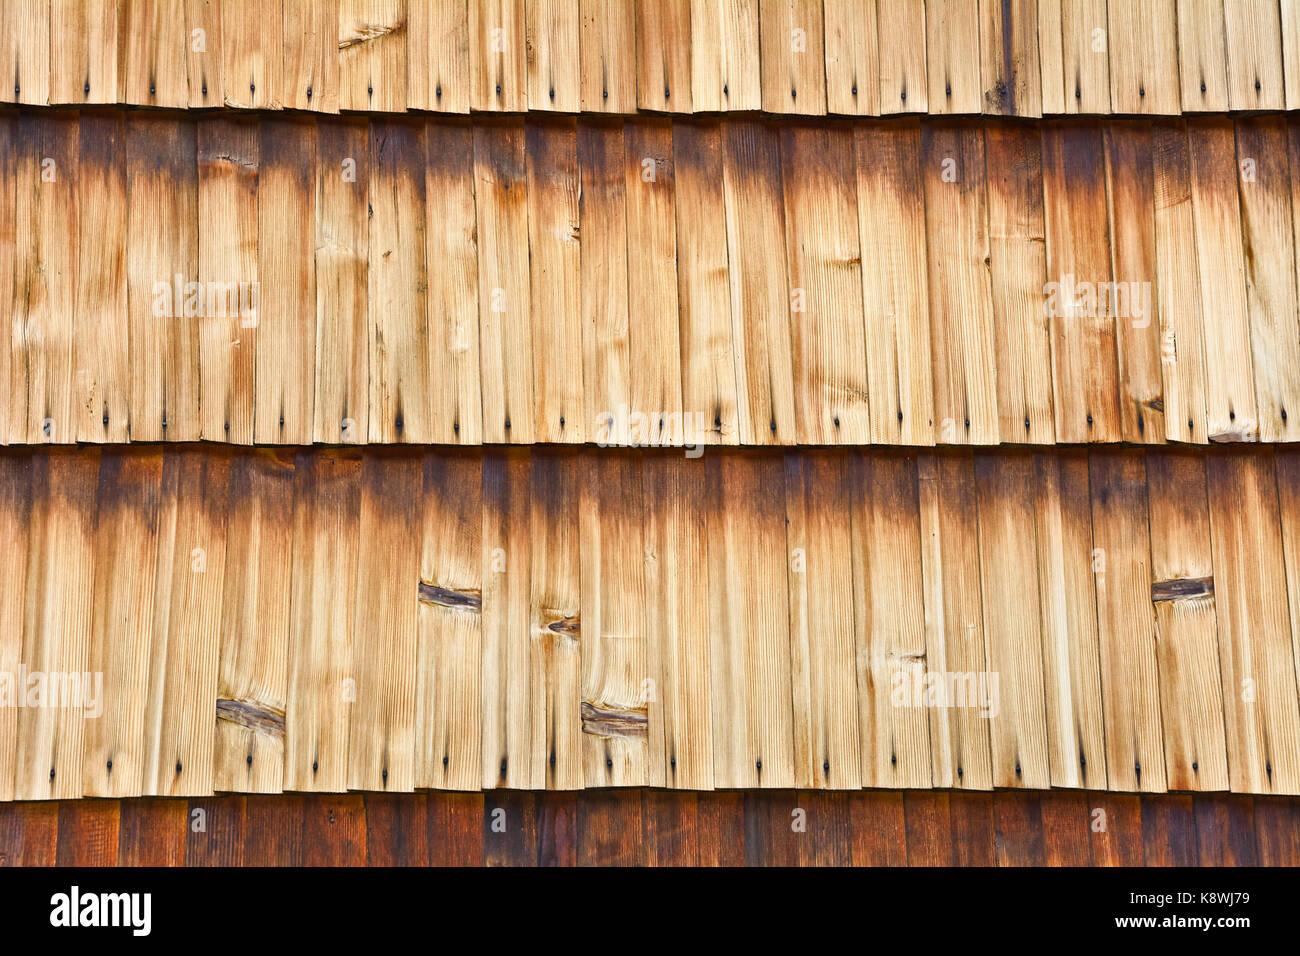 Rivestire Una Parete Di Legno.La Parete Dell Edificio Shingle Con Schede Madri Rivestimento In